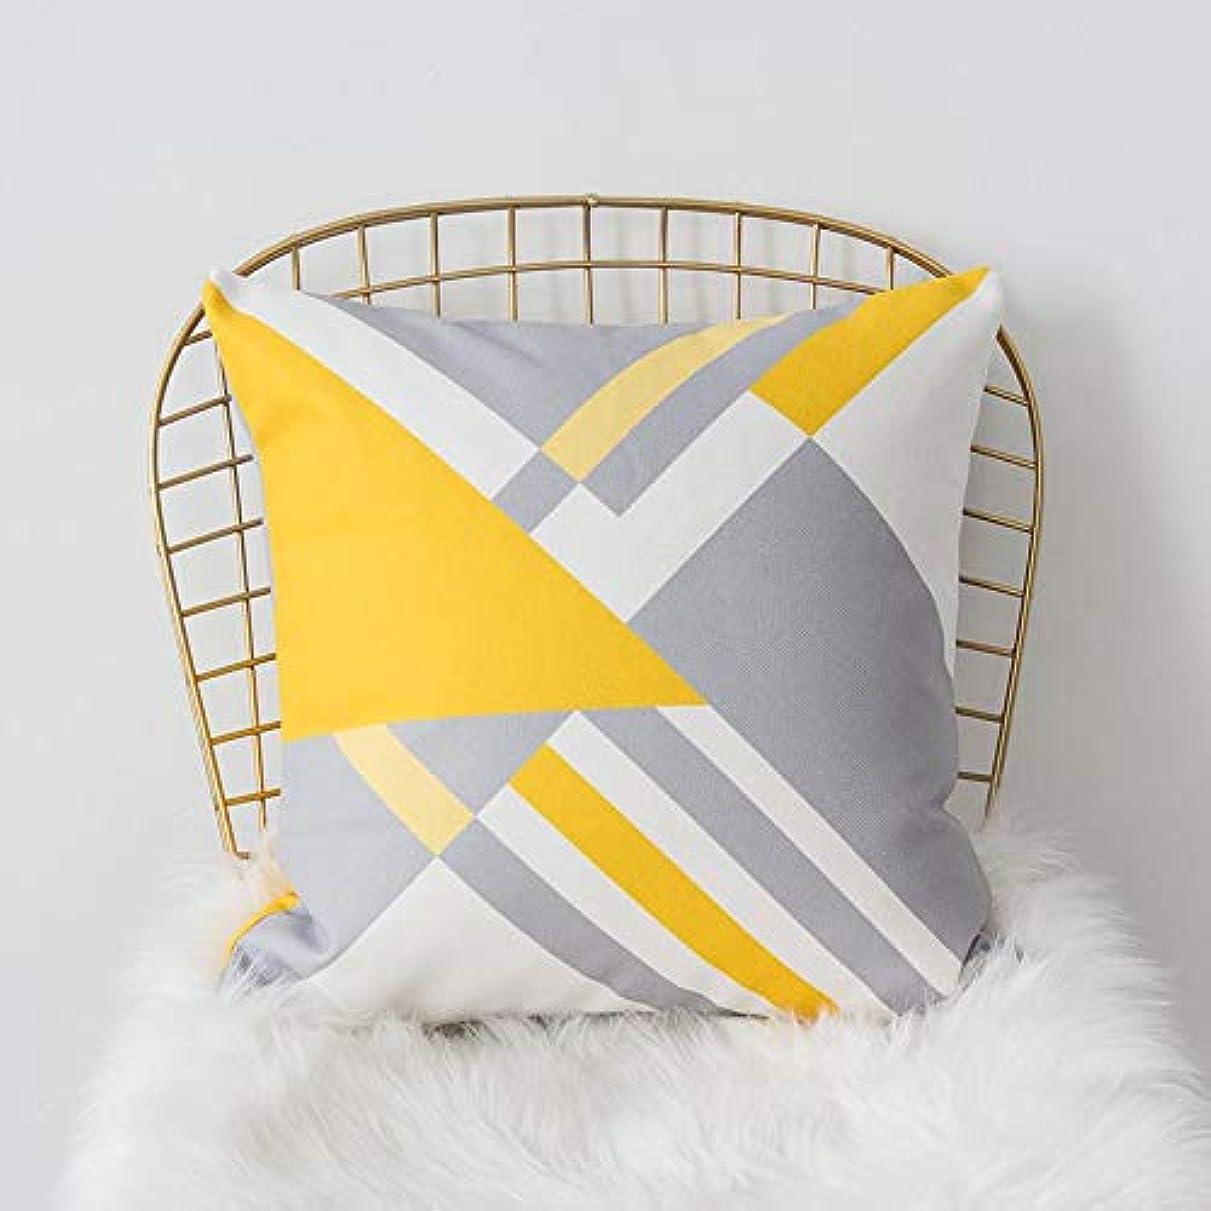 小道具天使闘争SMART 黄色グレー枕北欧スタイル黄色ヘラジカ幾何枕リビングルームのインテリアソファクッション Cojines 装飾良質 クッション 椅子